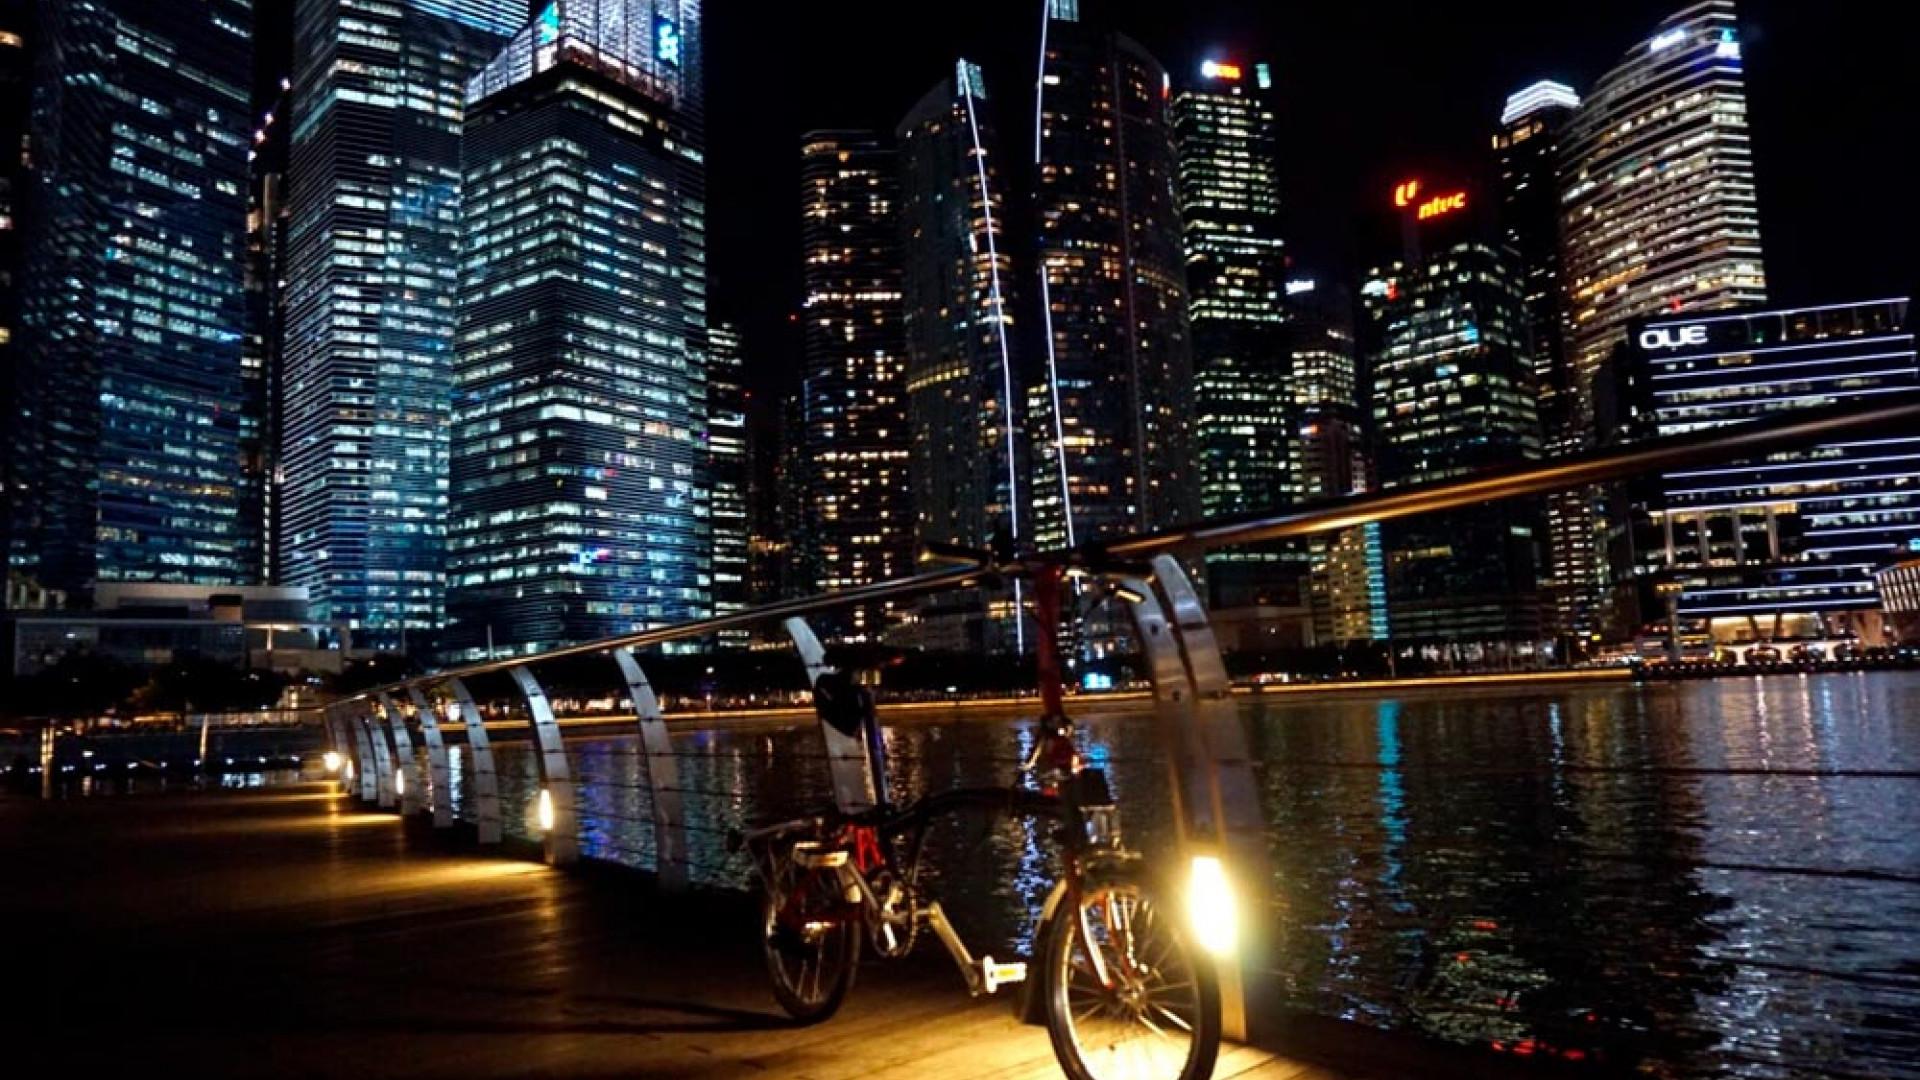 Brompton bike in Singapore